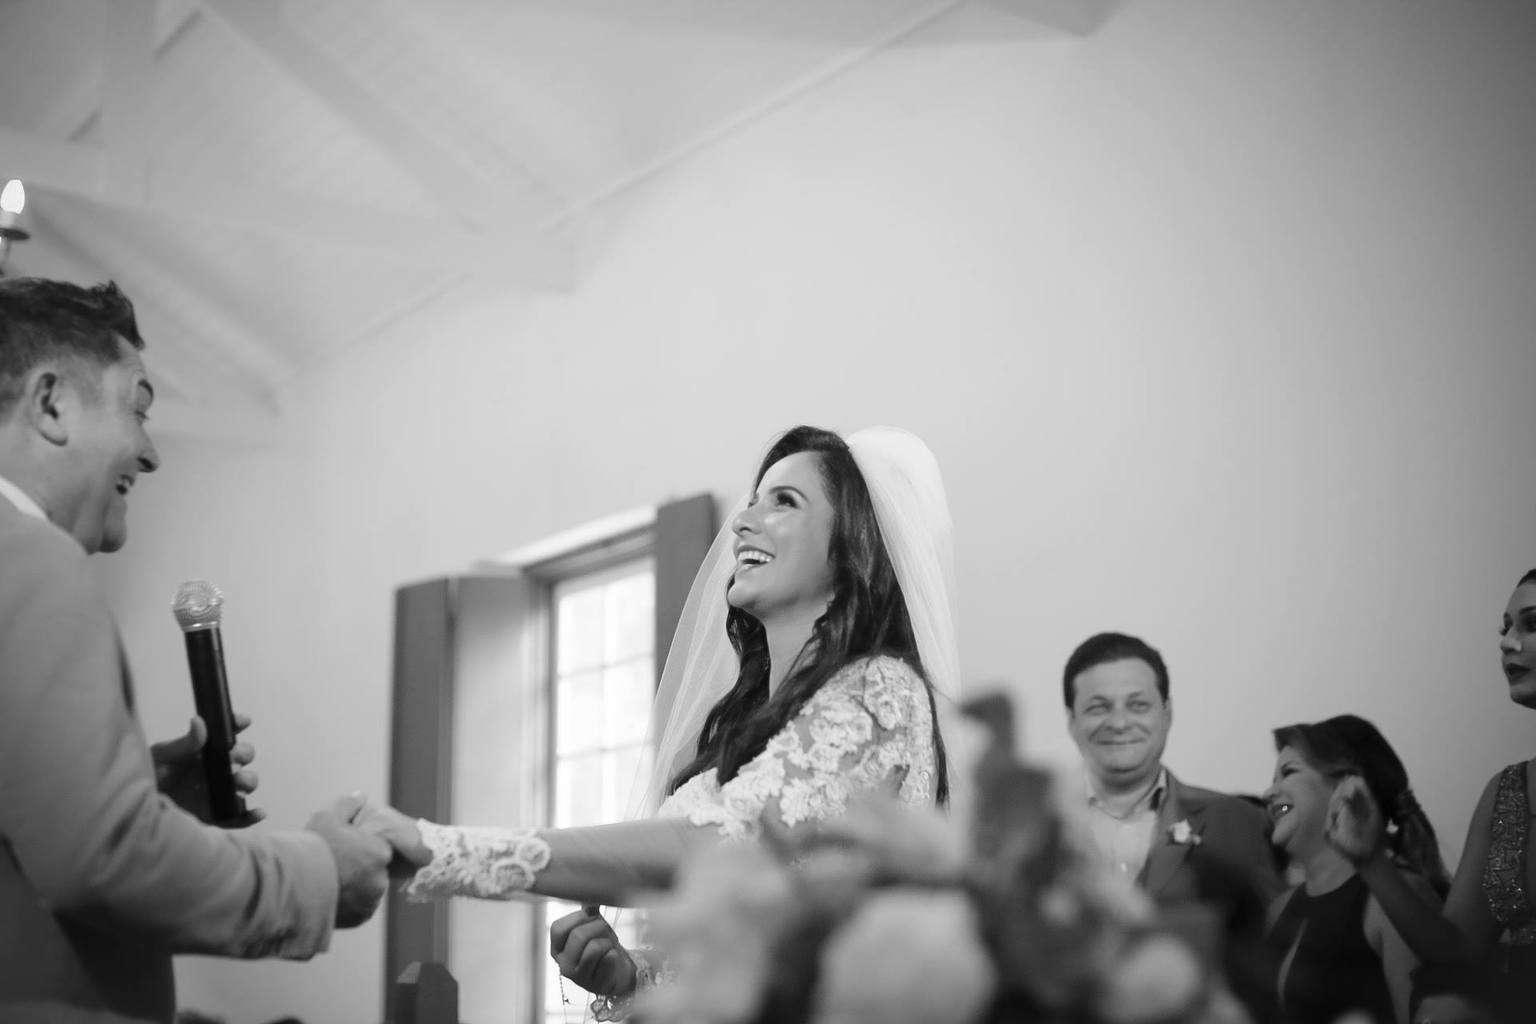 casamento-ariane-e-antonio-carlos-caseme-foto-silvia-penati-85